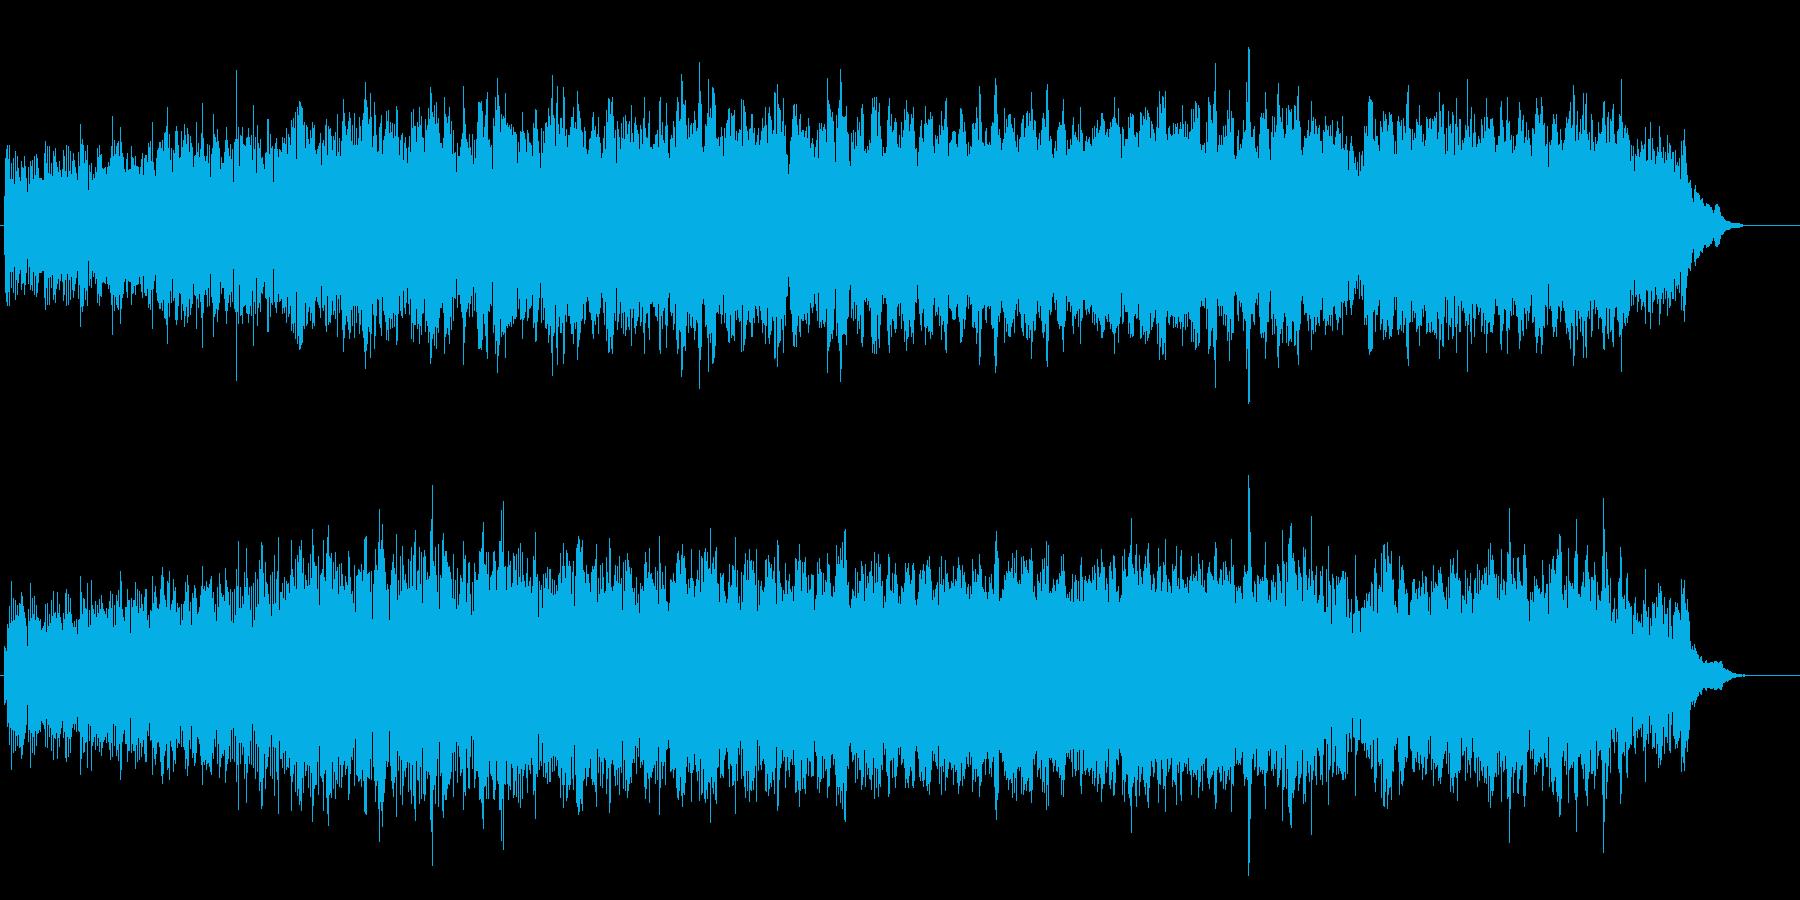 淡白な環境音楽風の再生済みの波形